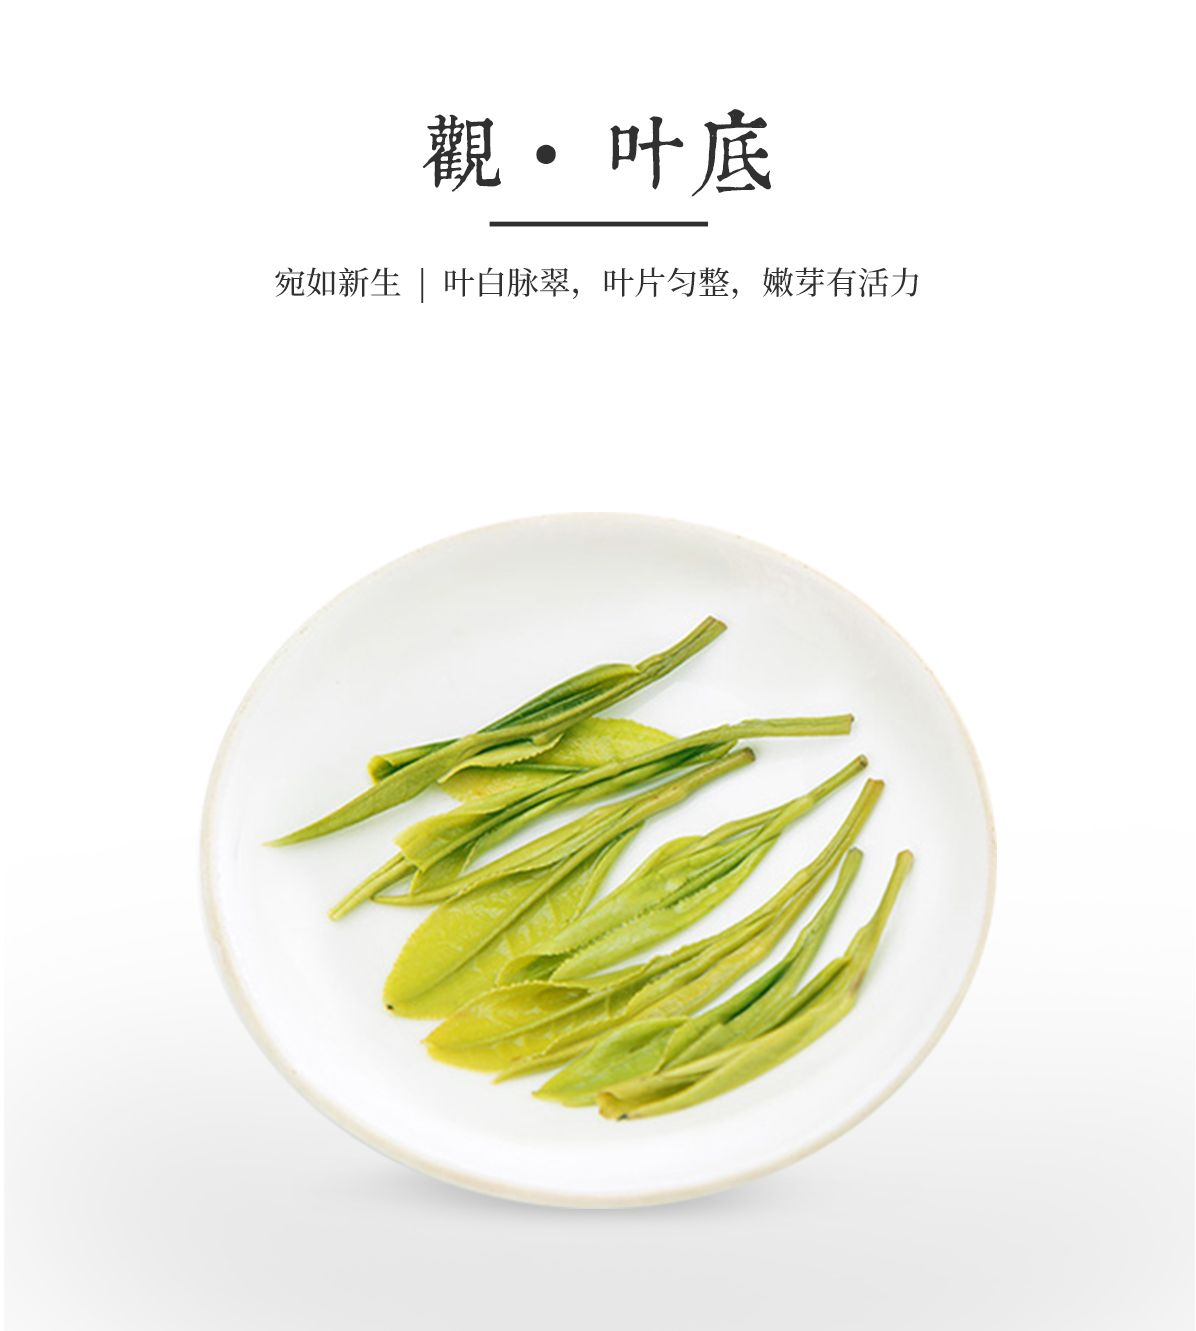 4-13-官网白茶详情_09.jpg